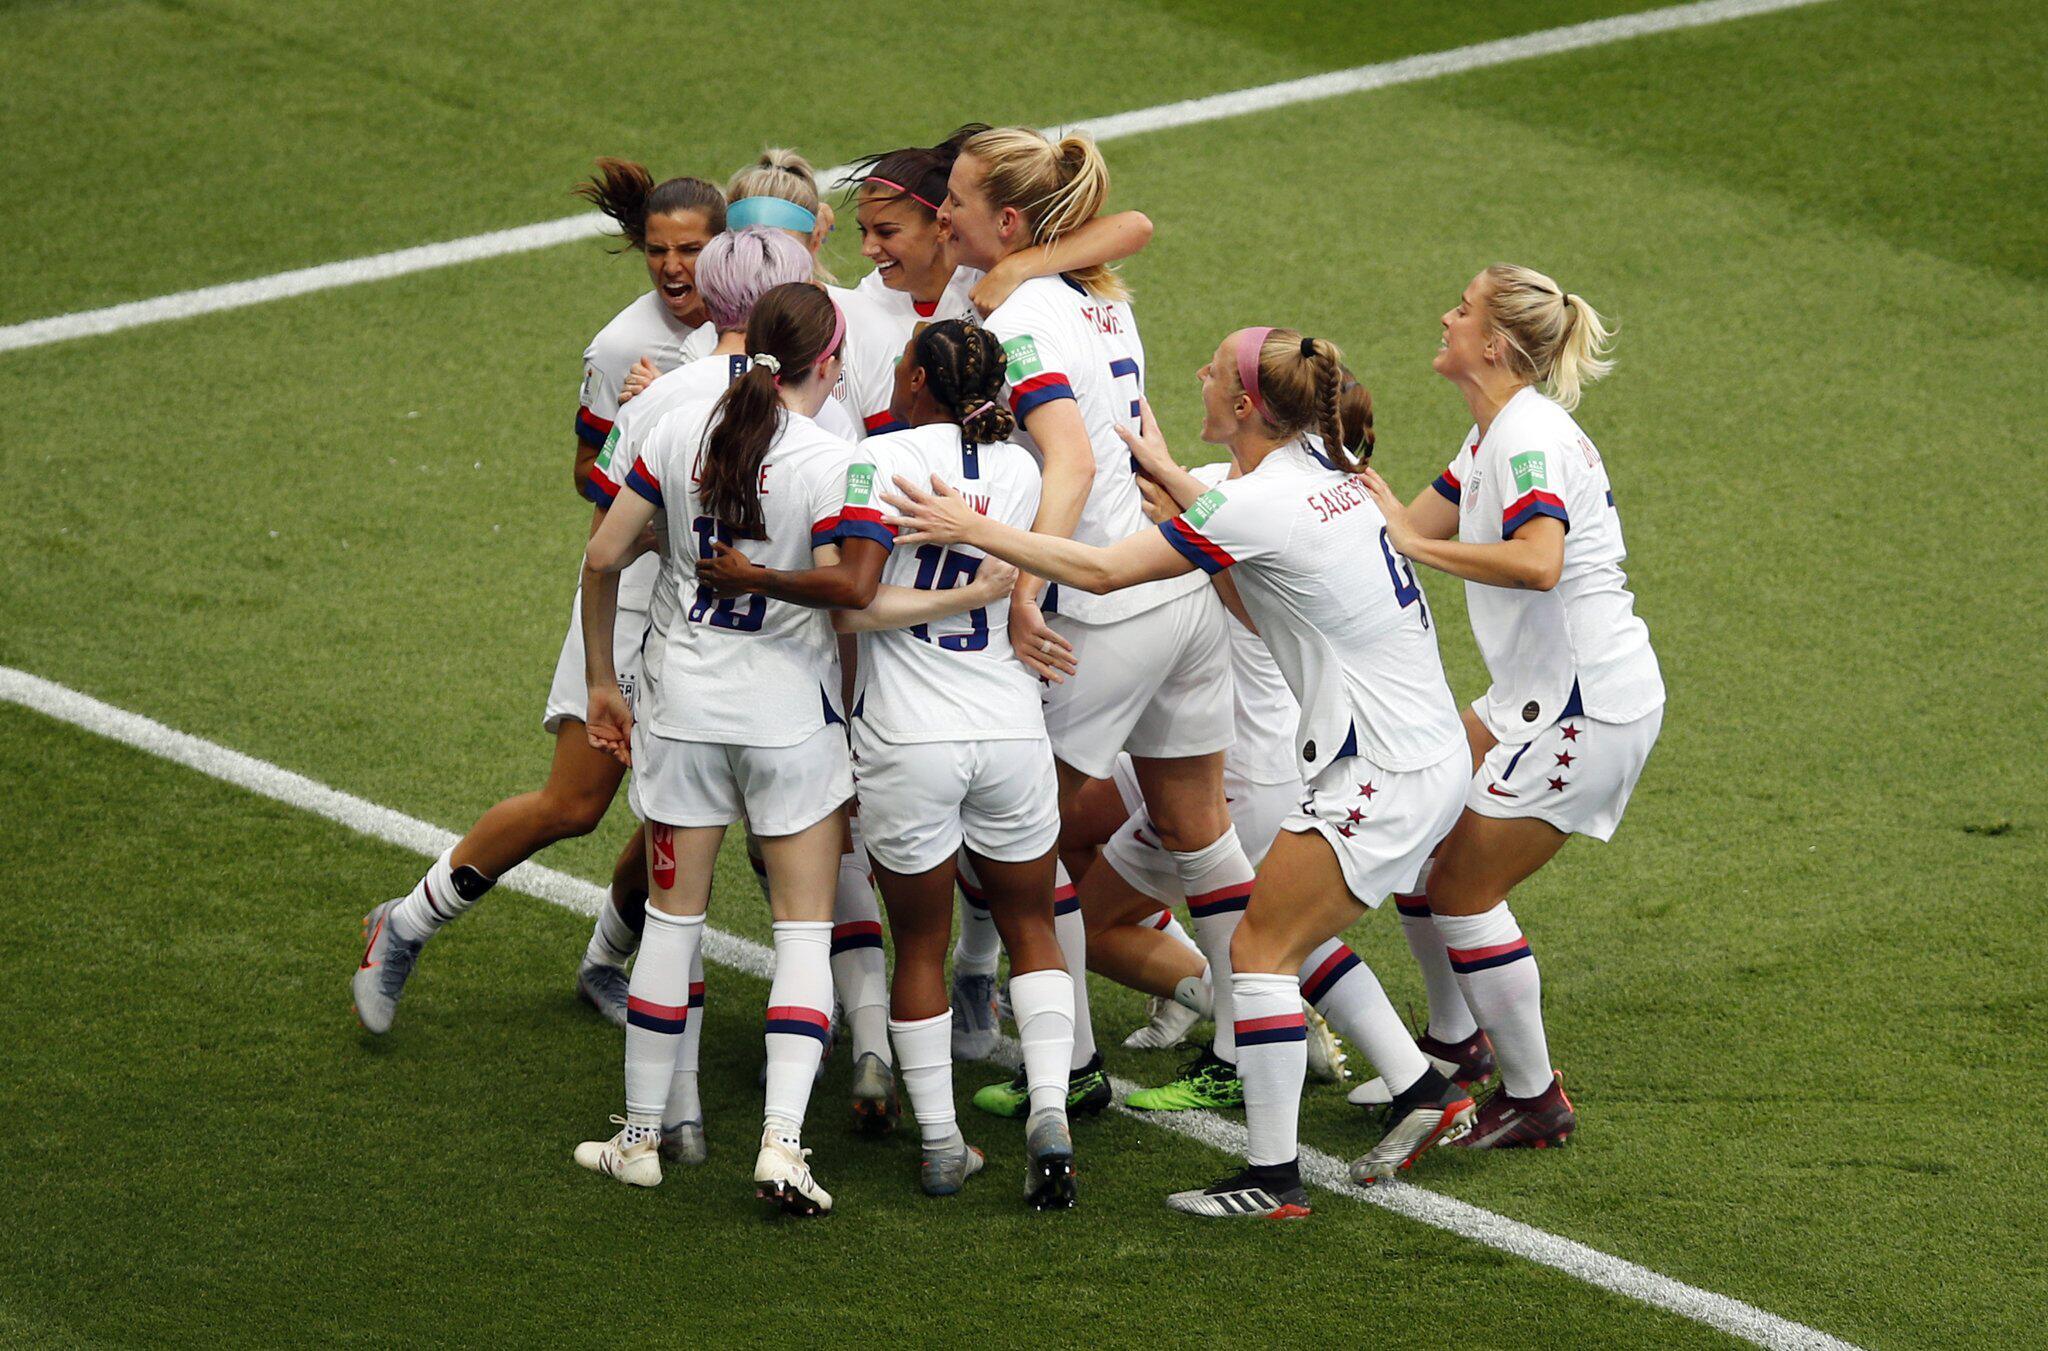 Bild zu Frauenfußball-WM - Frankreich - USA